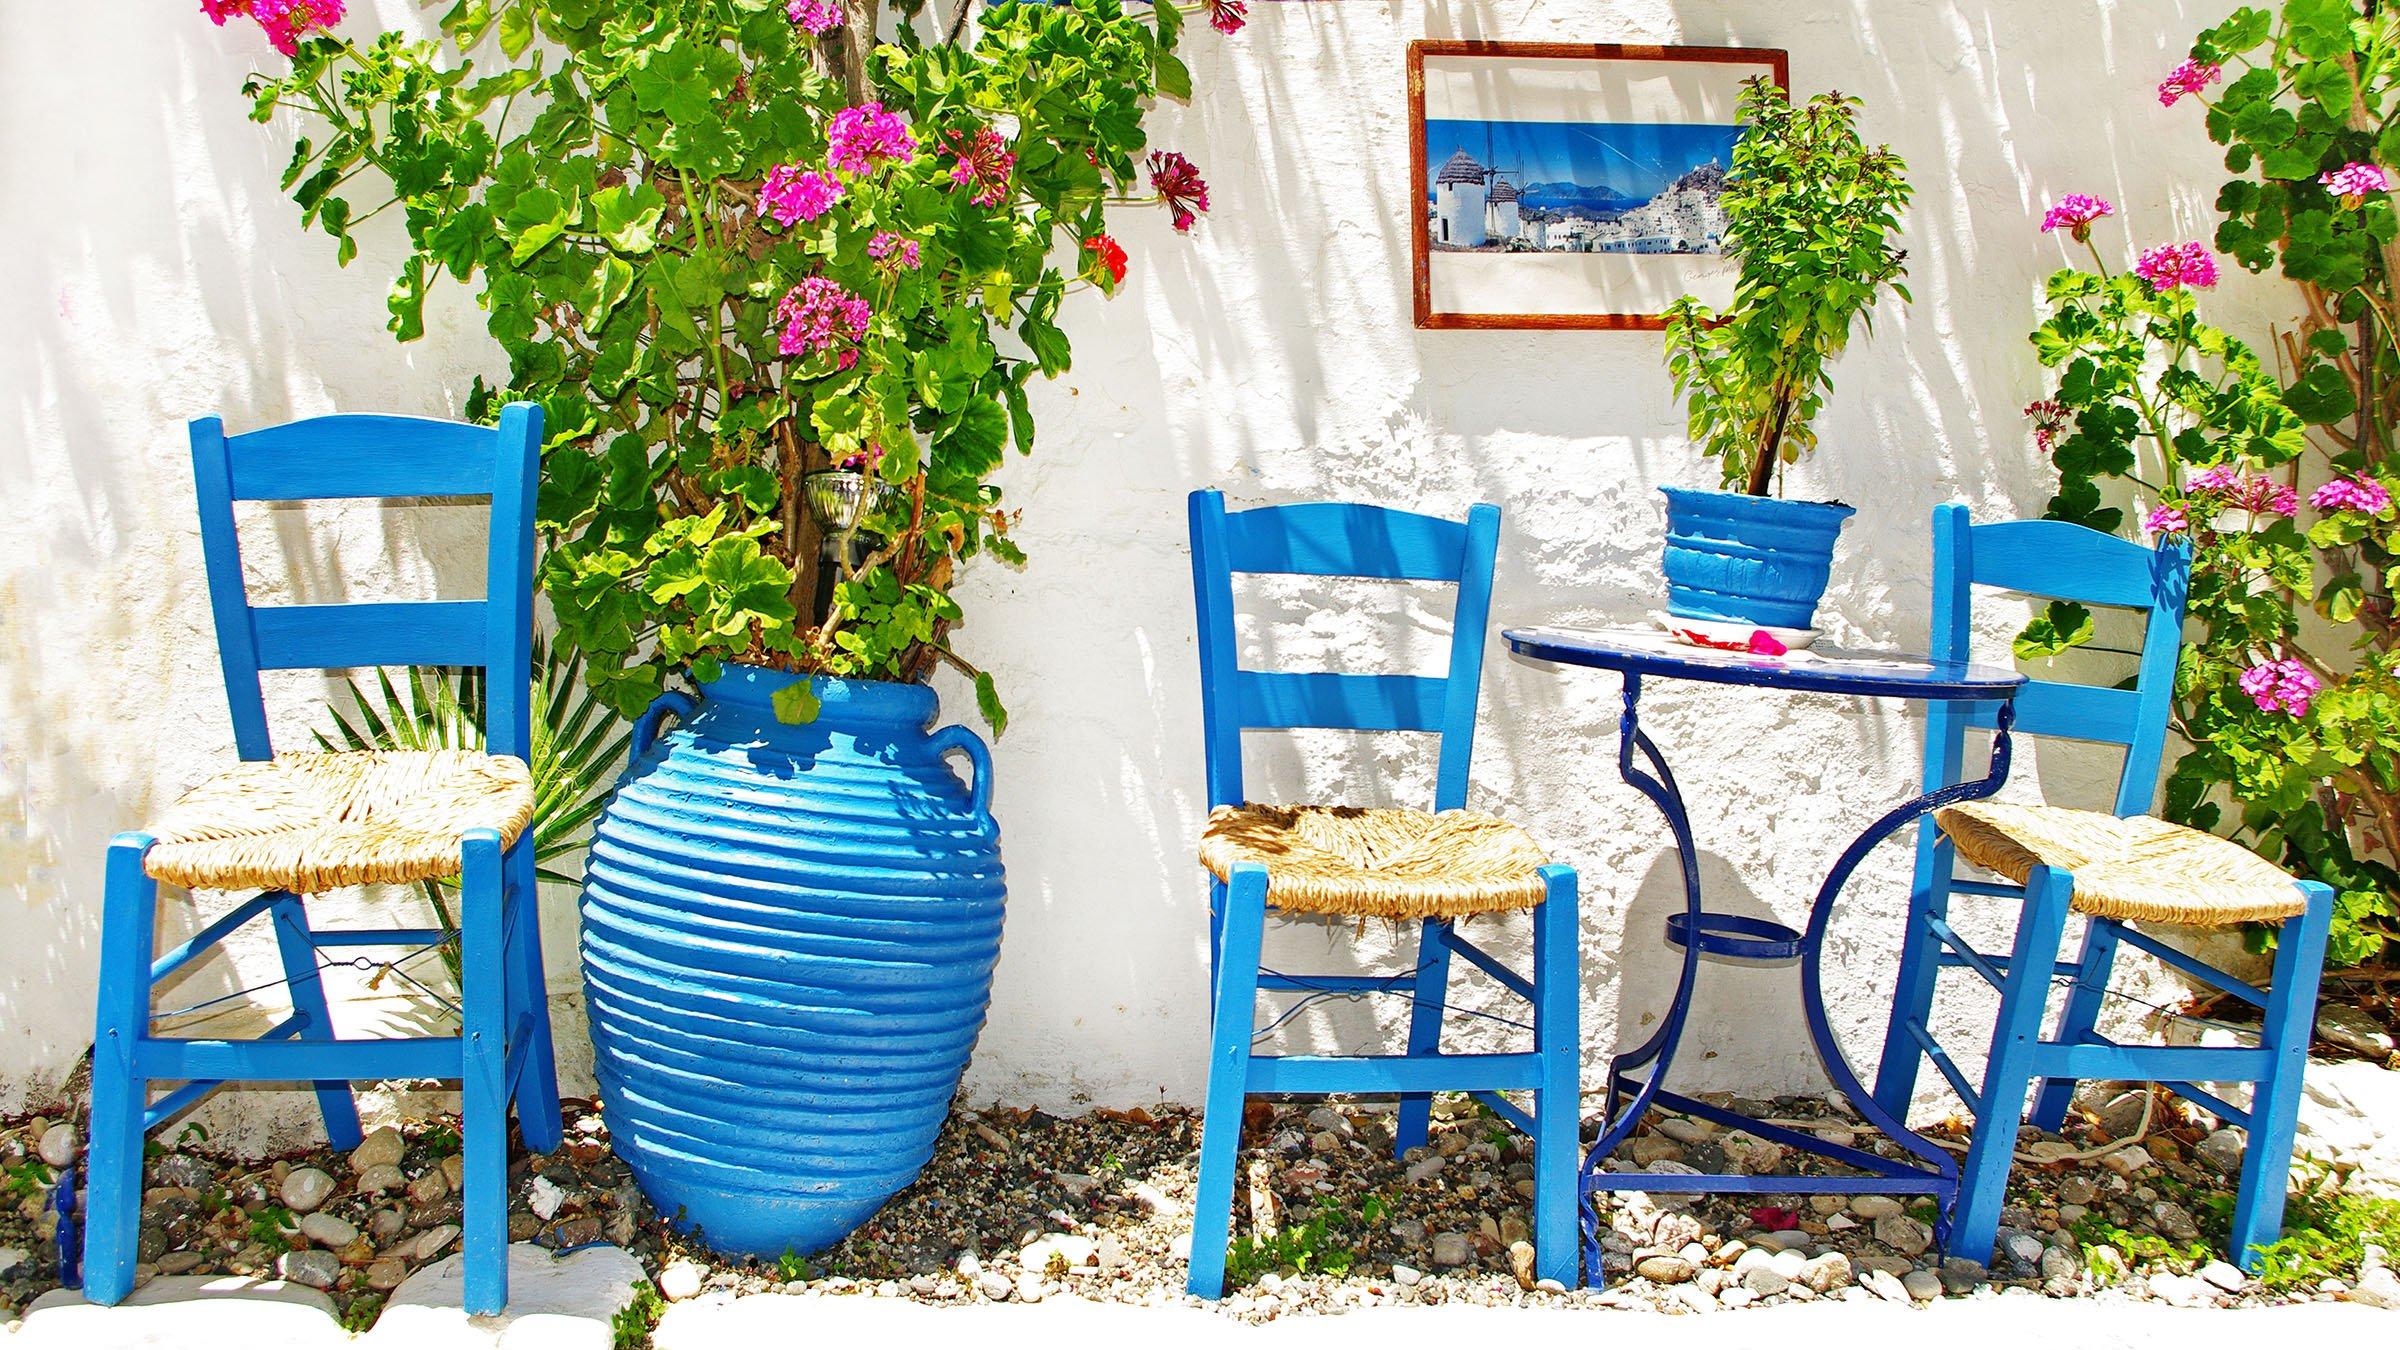 Las costumbres y tradiciones de grecia for Costumbres de grecia